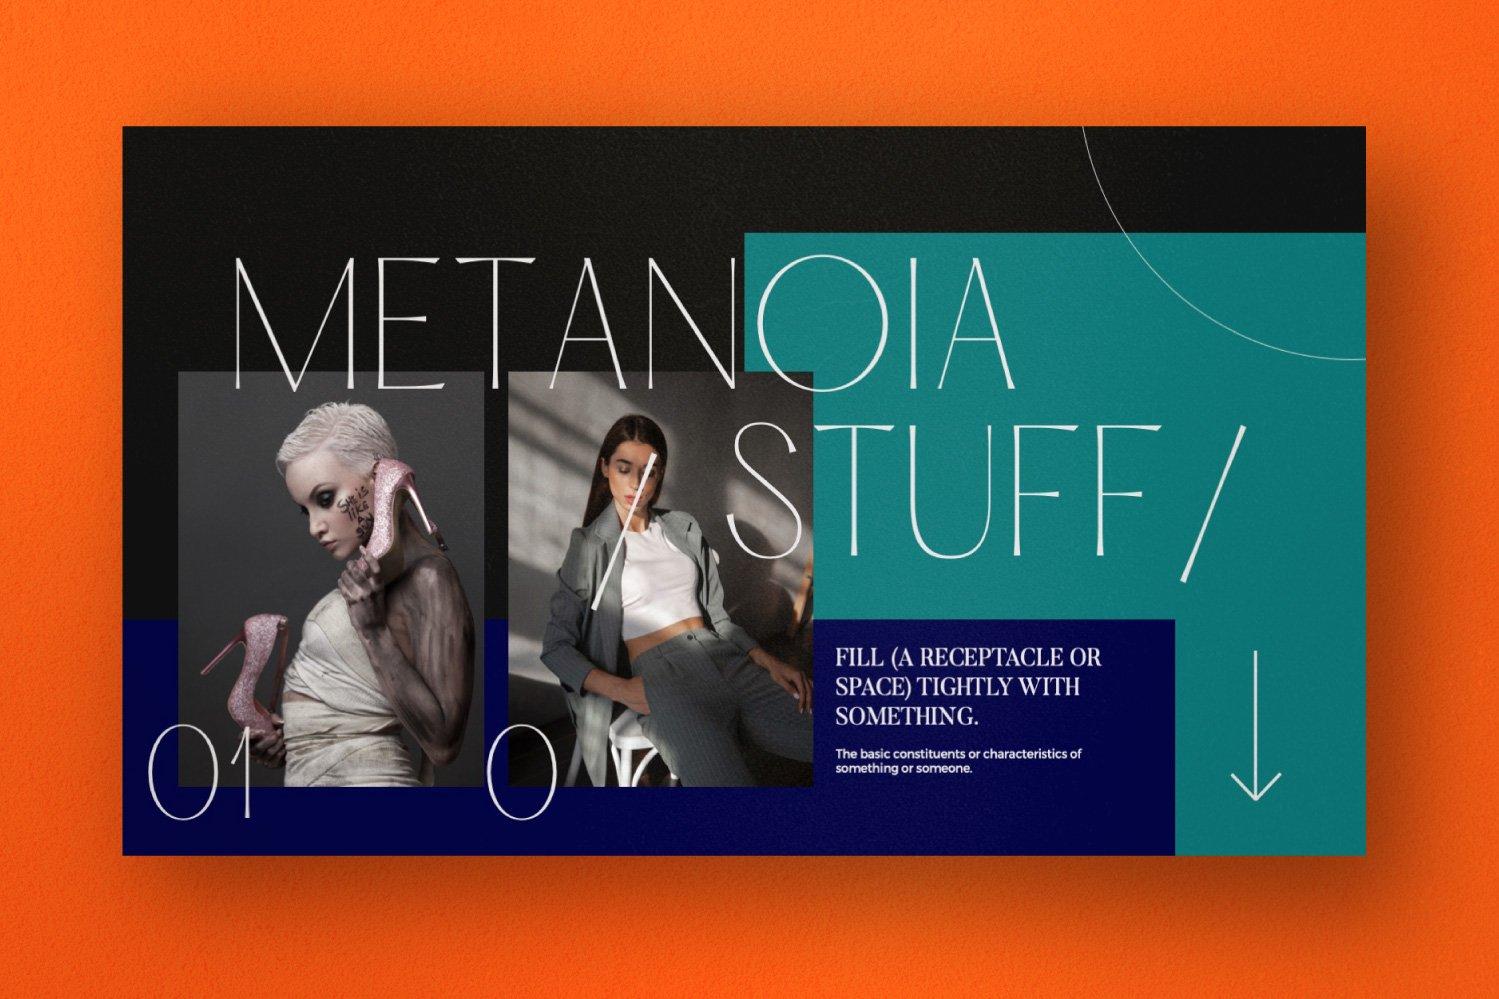 时尚潮流服装品牌摄影作品集幻灯片设计模板 Metanoia – Brand Fashion Powerpoint插图(9)